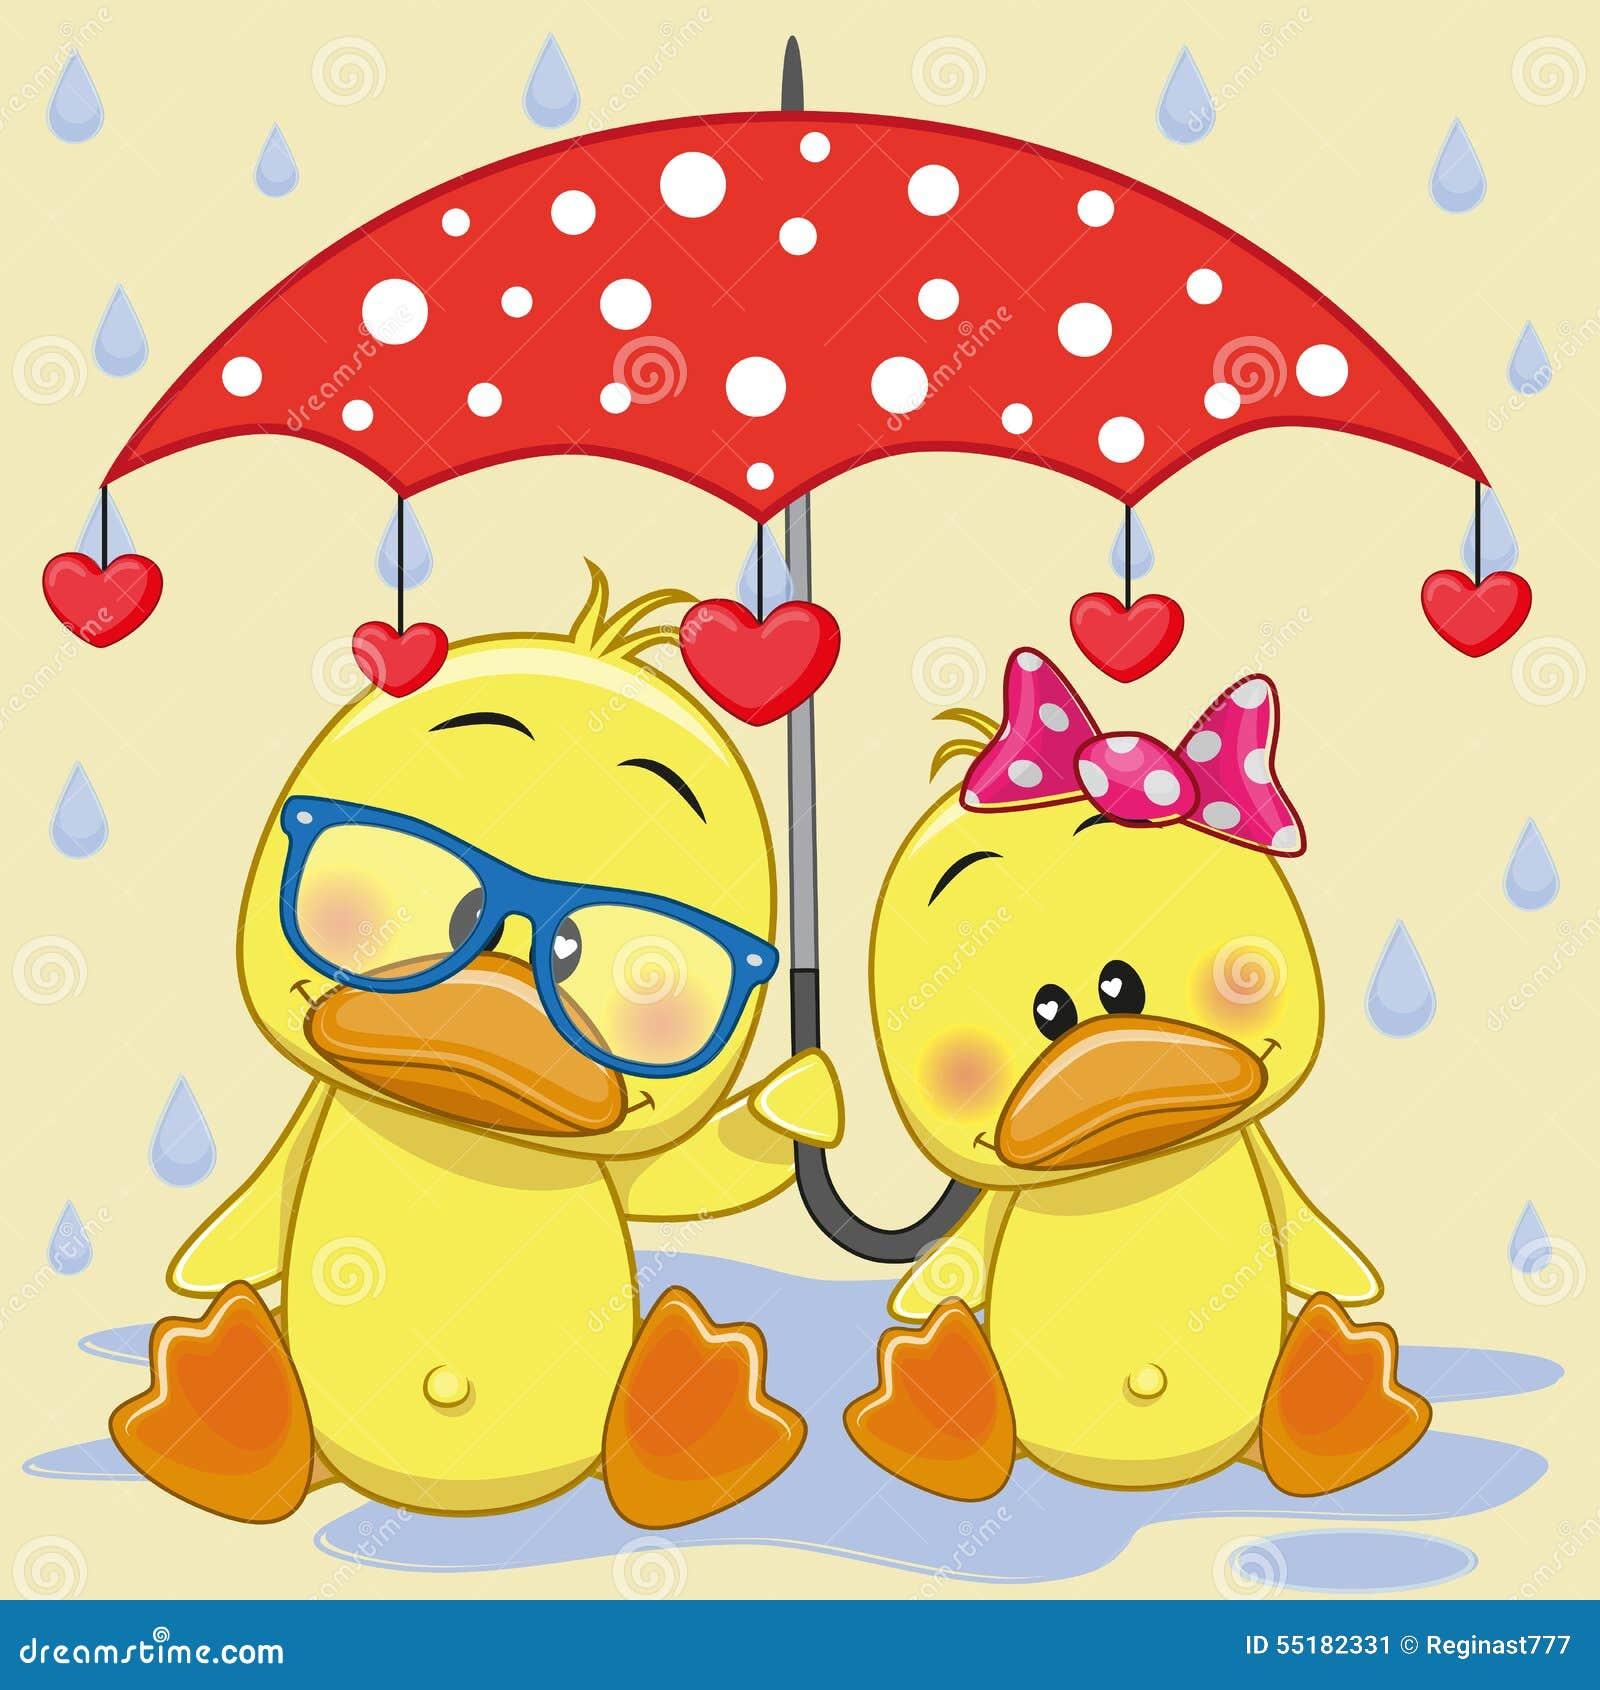 [Jeu] Association d'images - Page 18 Dos-patos-con-el-paraguas-55182331